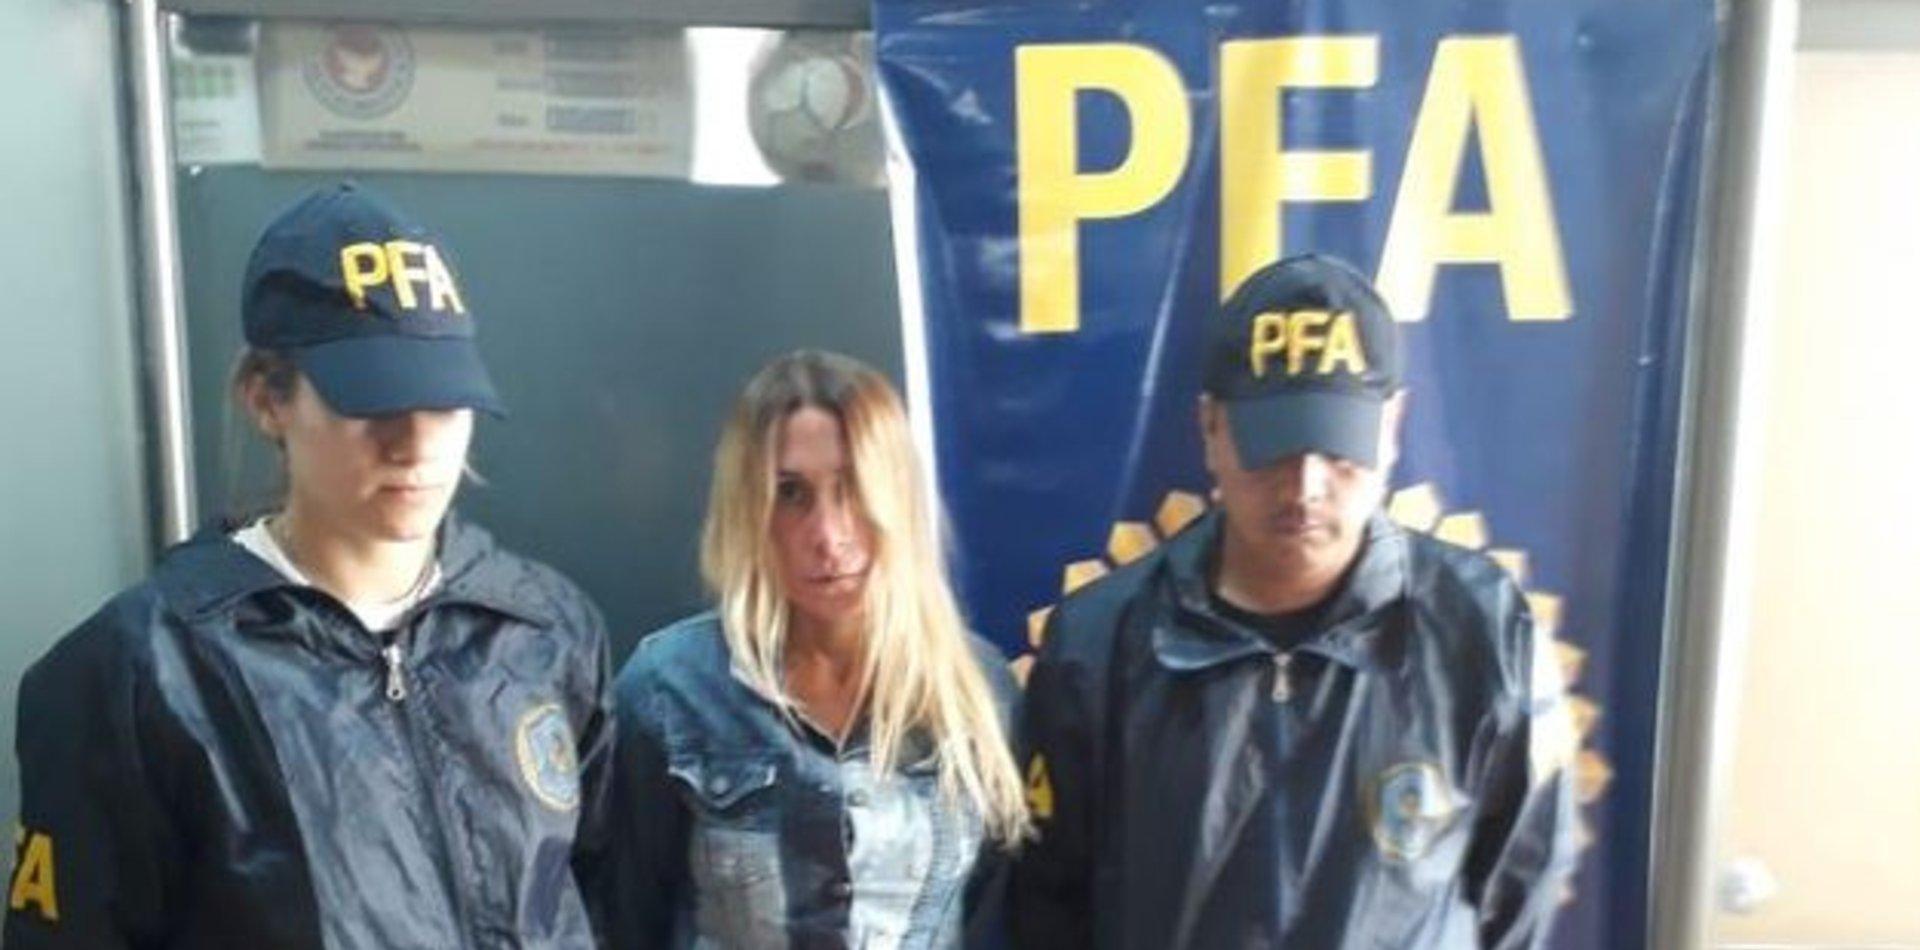 Qué se escucha en los audios que complican al juez de Casación Martín Ordoqui y a su secretaria detenida